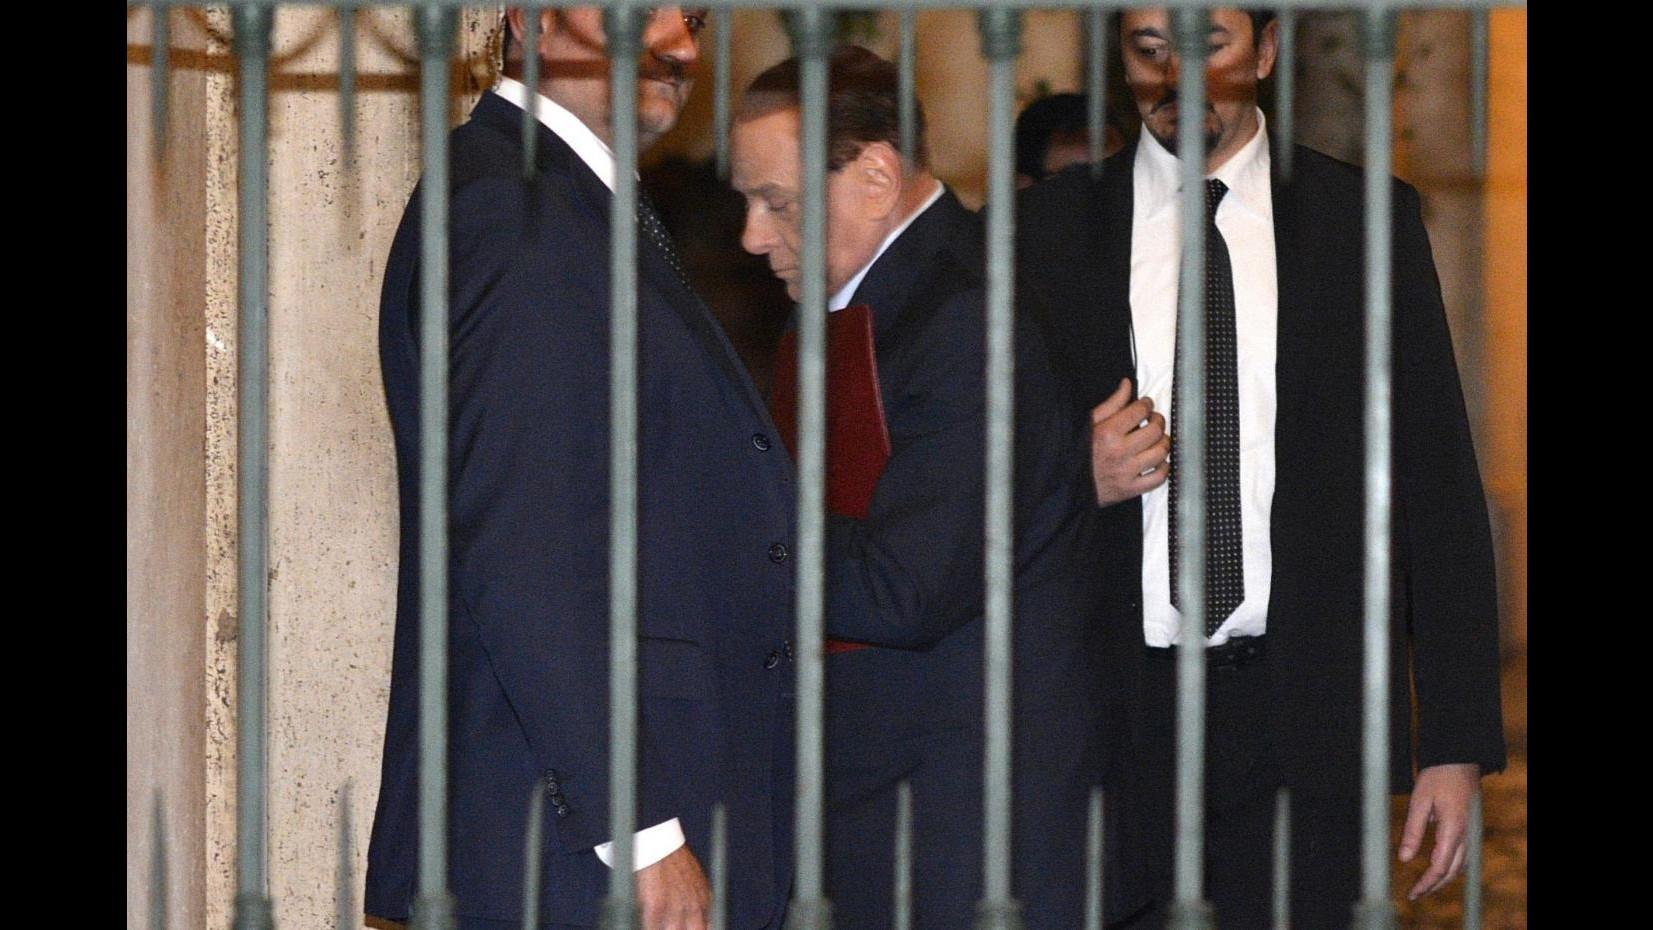 L. elettorale, Fi: Modifiche fuori da patto Nazareno. Berlusconi: Sì dialogo, ma no diktat